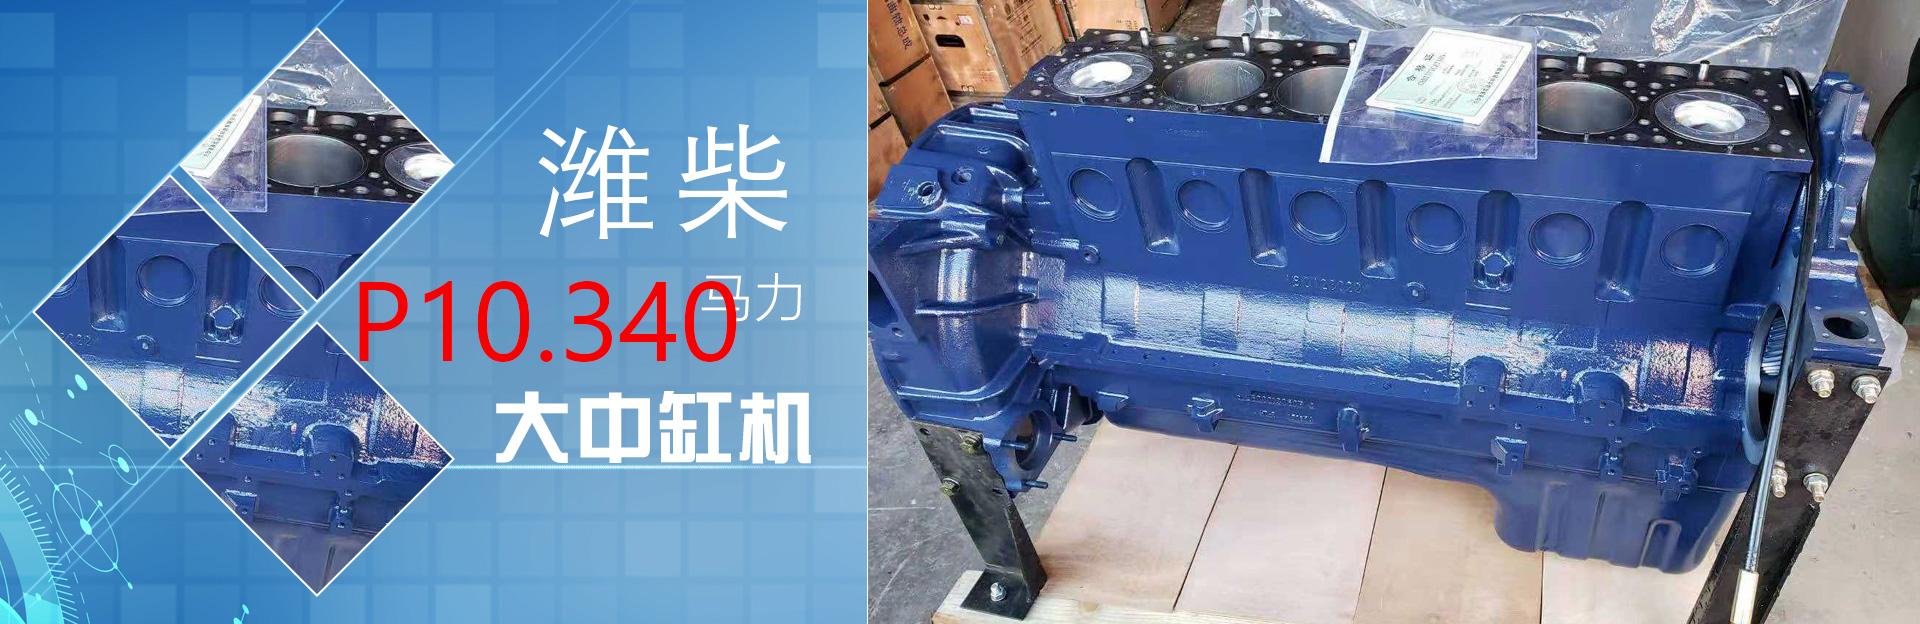 新万博体育mantbexP10.340马力大中缸机